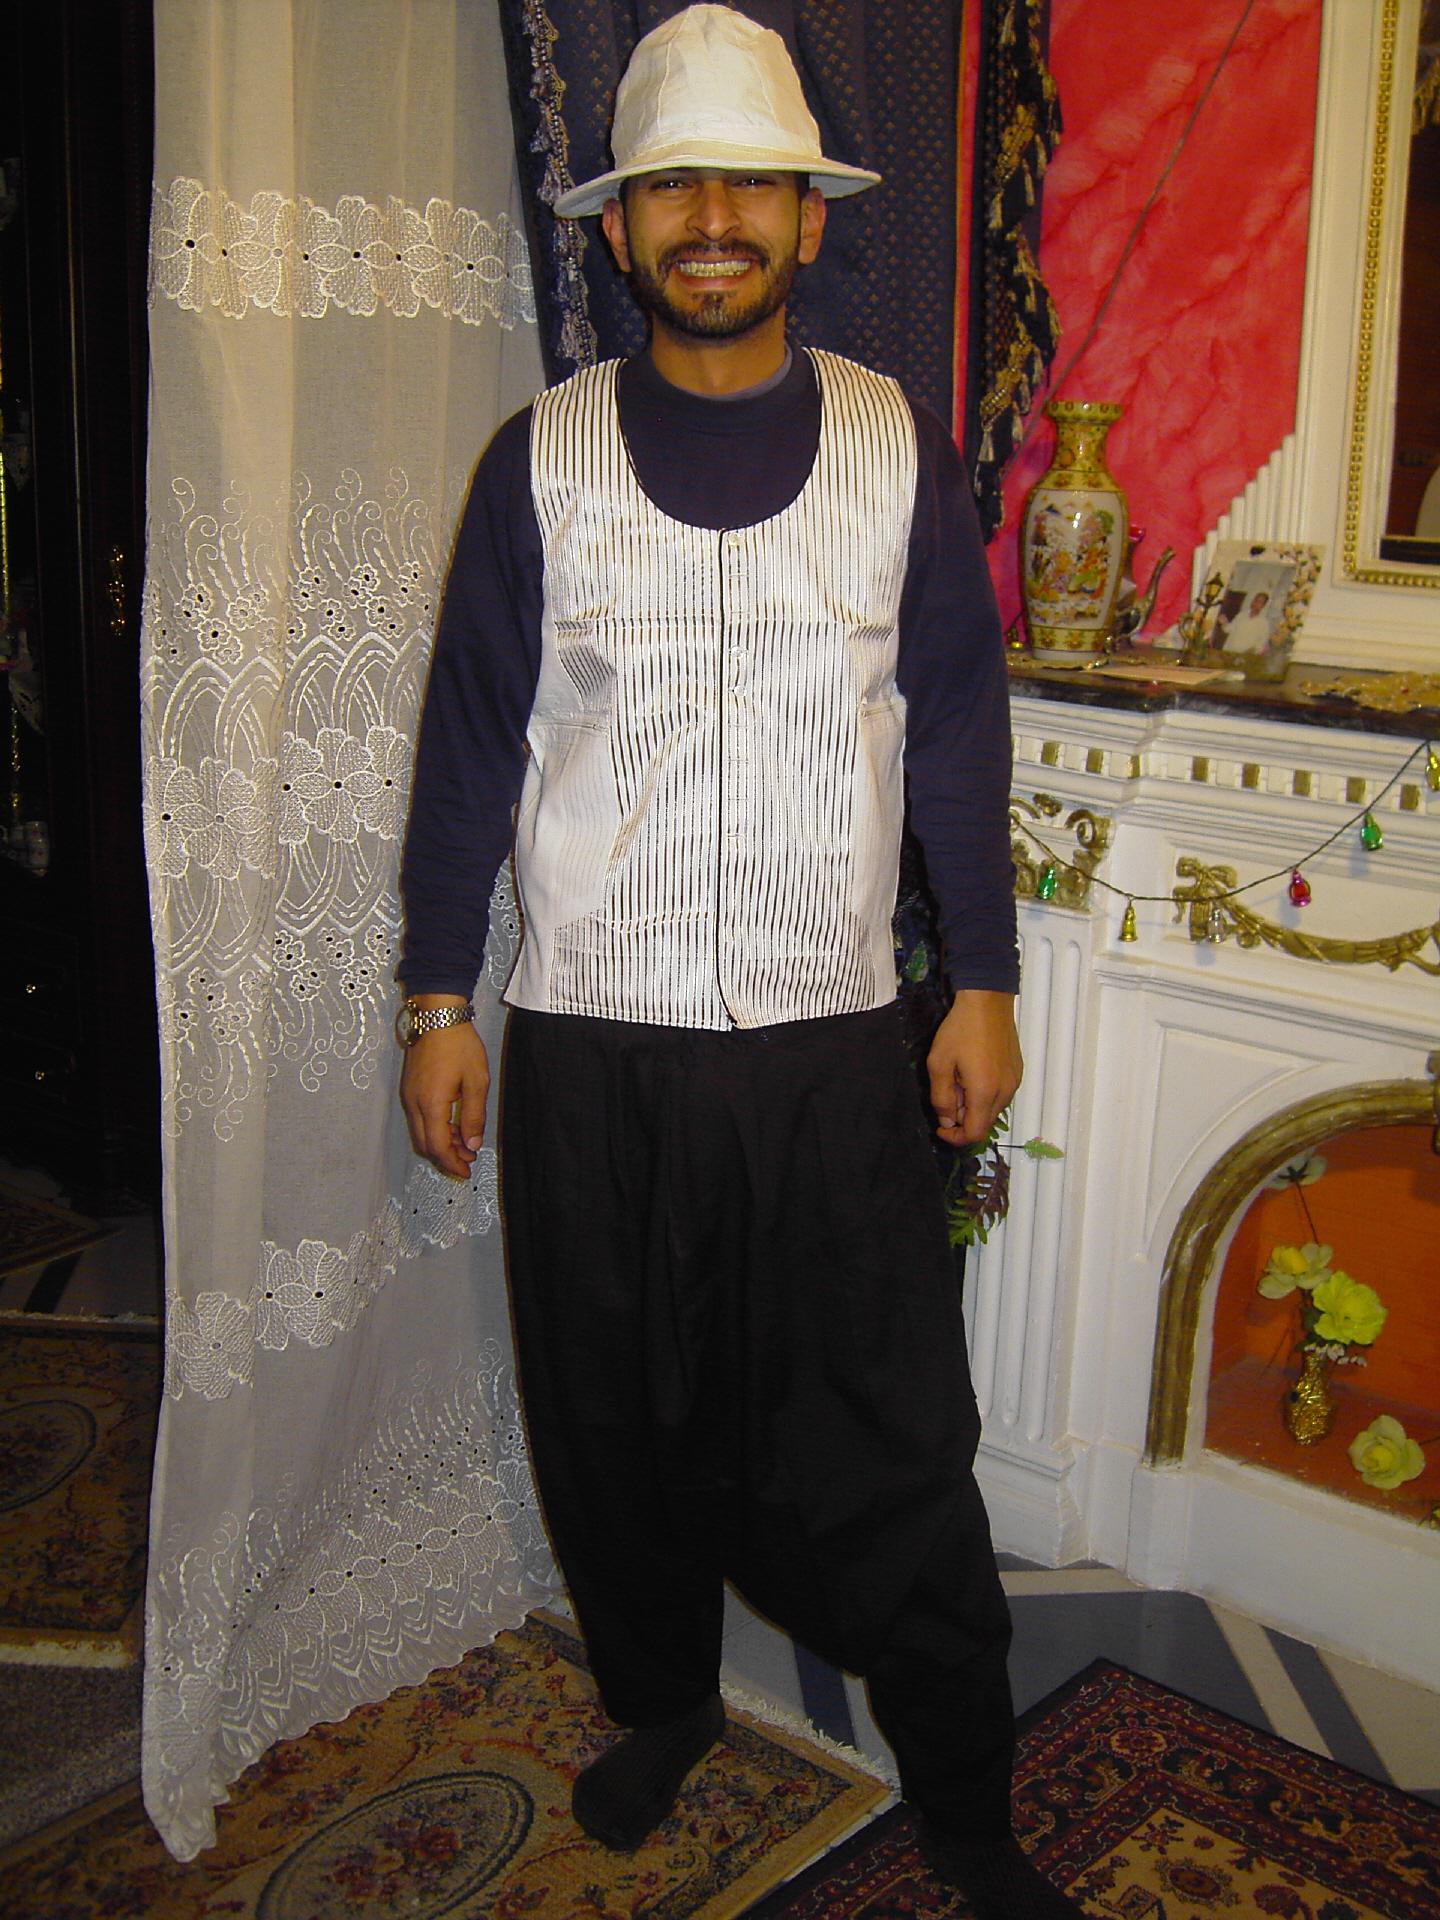 3tlg kost m alexandria fischer folklorekleider orientalische kleidung aus 1001 nacht. Black Bedroom Furniture Sets. Home Design Ideas